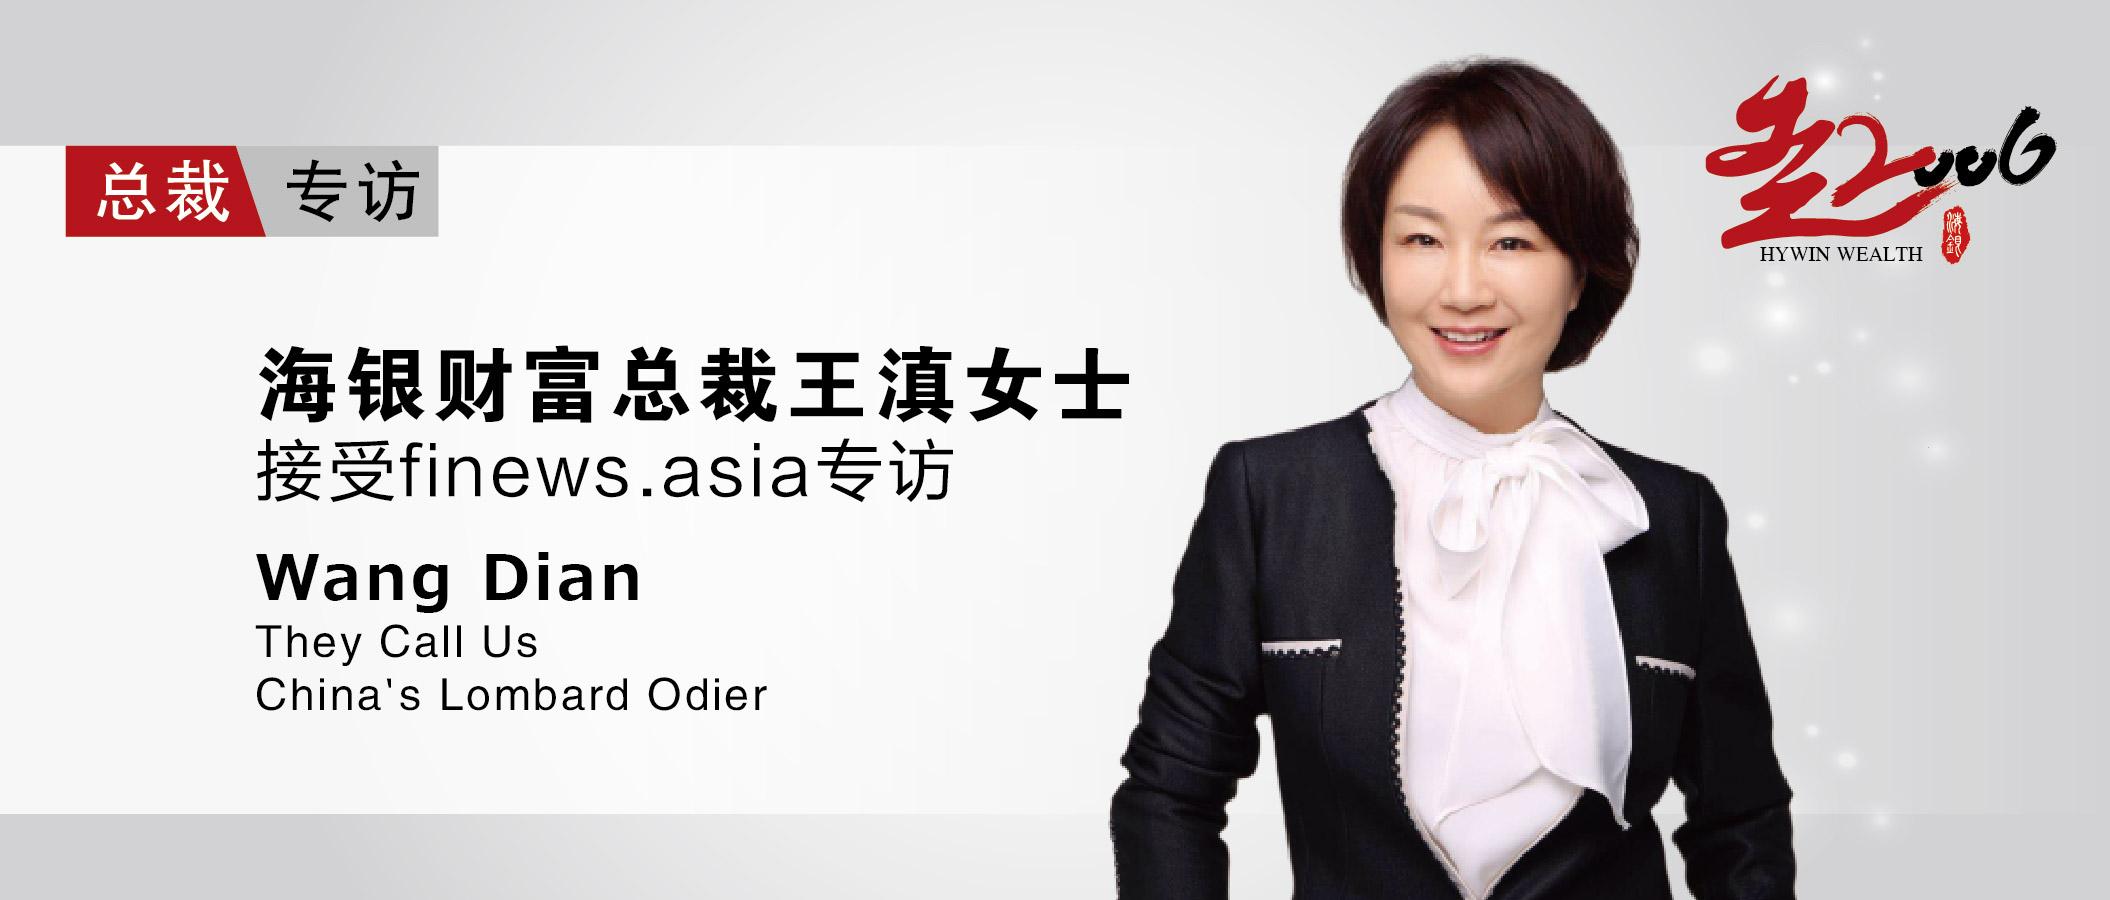 海银财富总裁王滇女士接受Finews专访